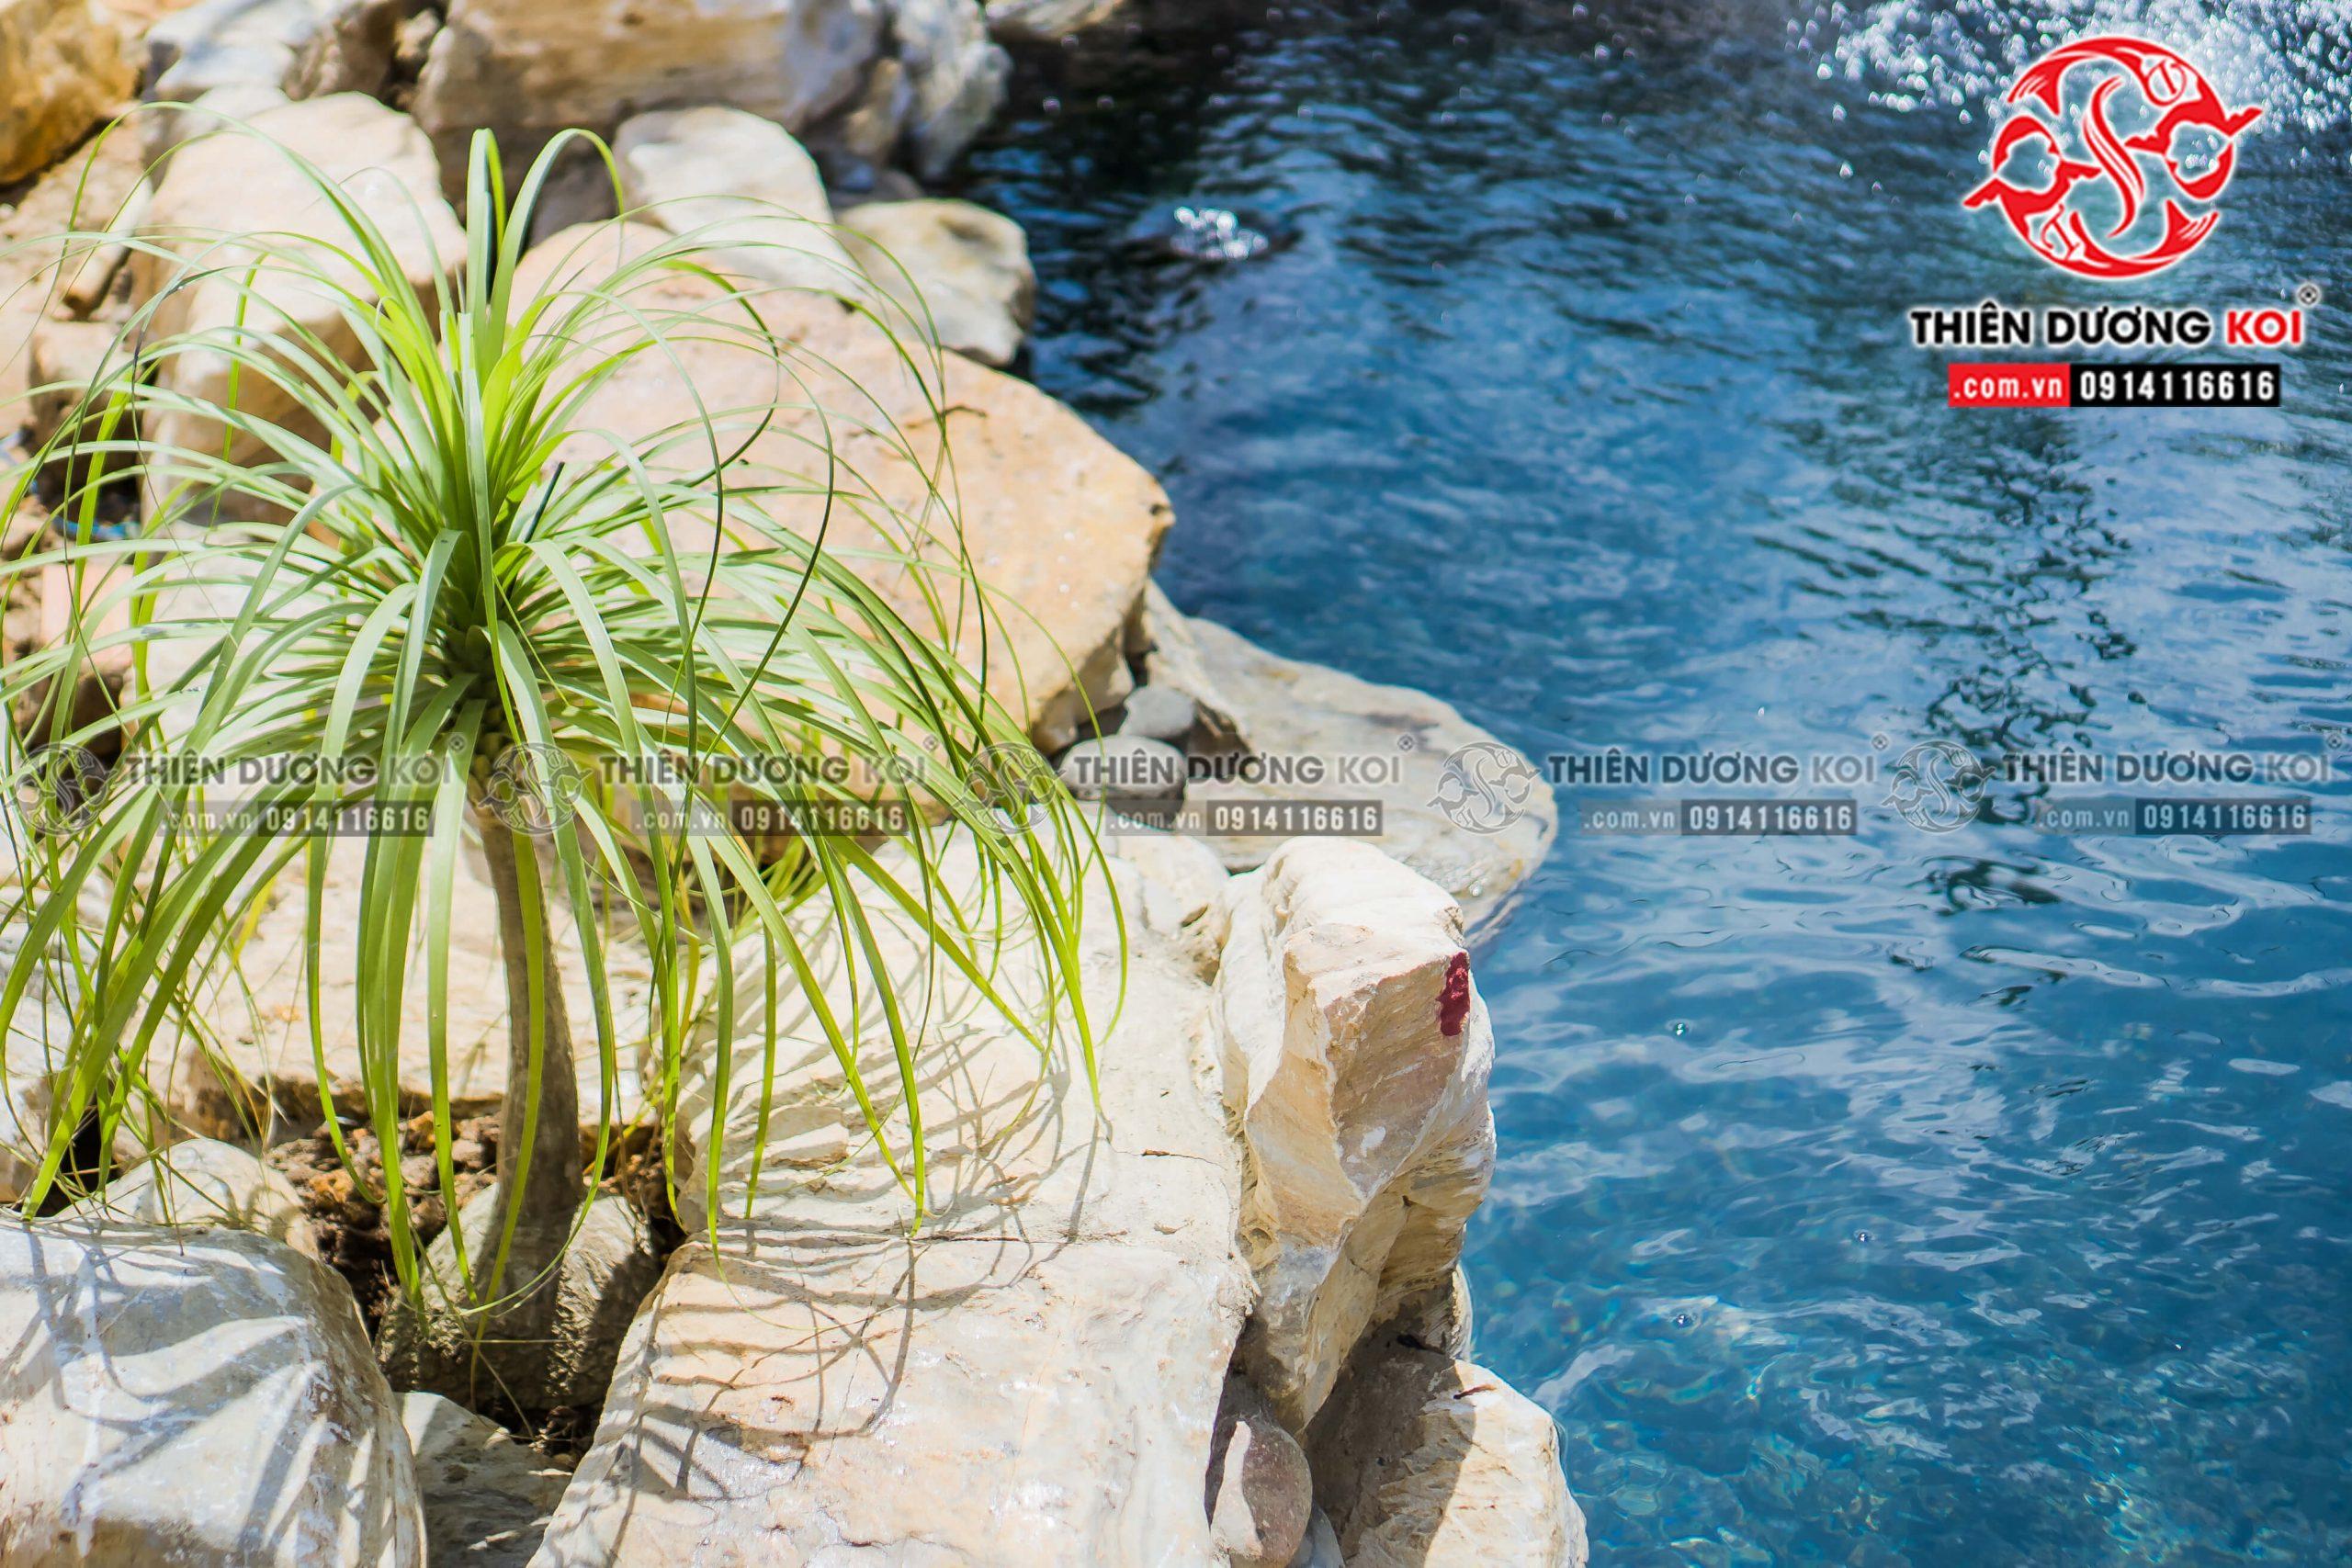 Thiết kế và thi công hồ cá Koi của chị Nhu tại Đà lạt